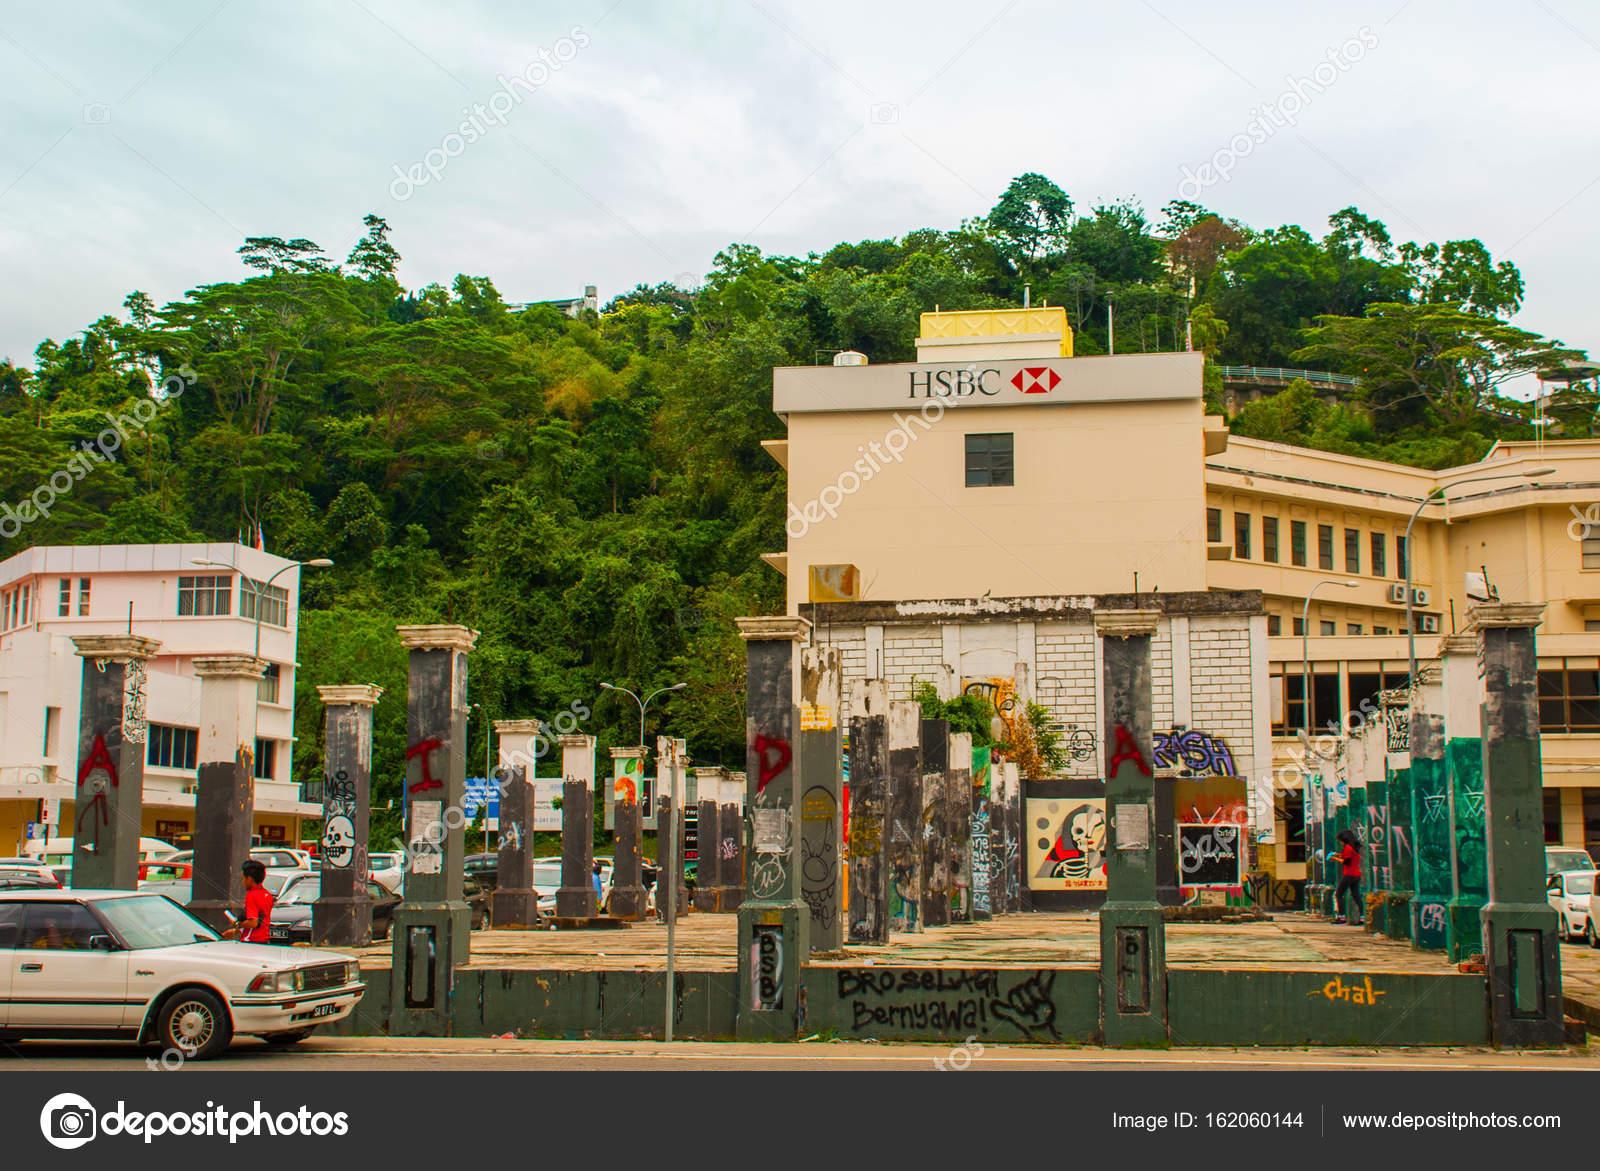 Haus Mit Graffiti Kota Kinabalu Sabah Malaysia Redaktionelles